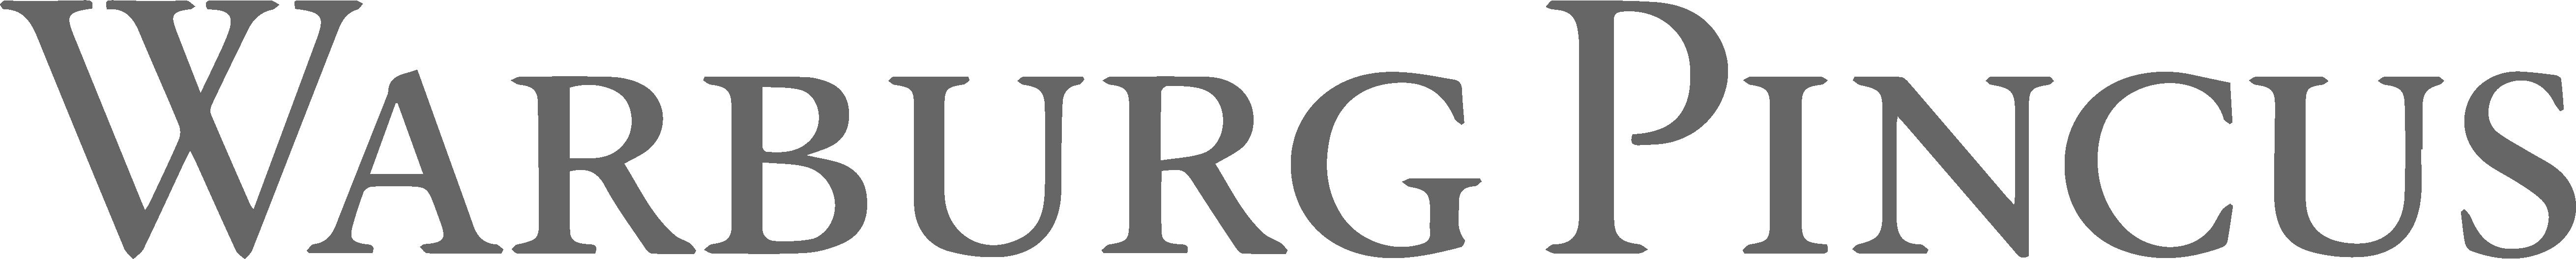 Warburg Pincus logo.